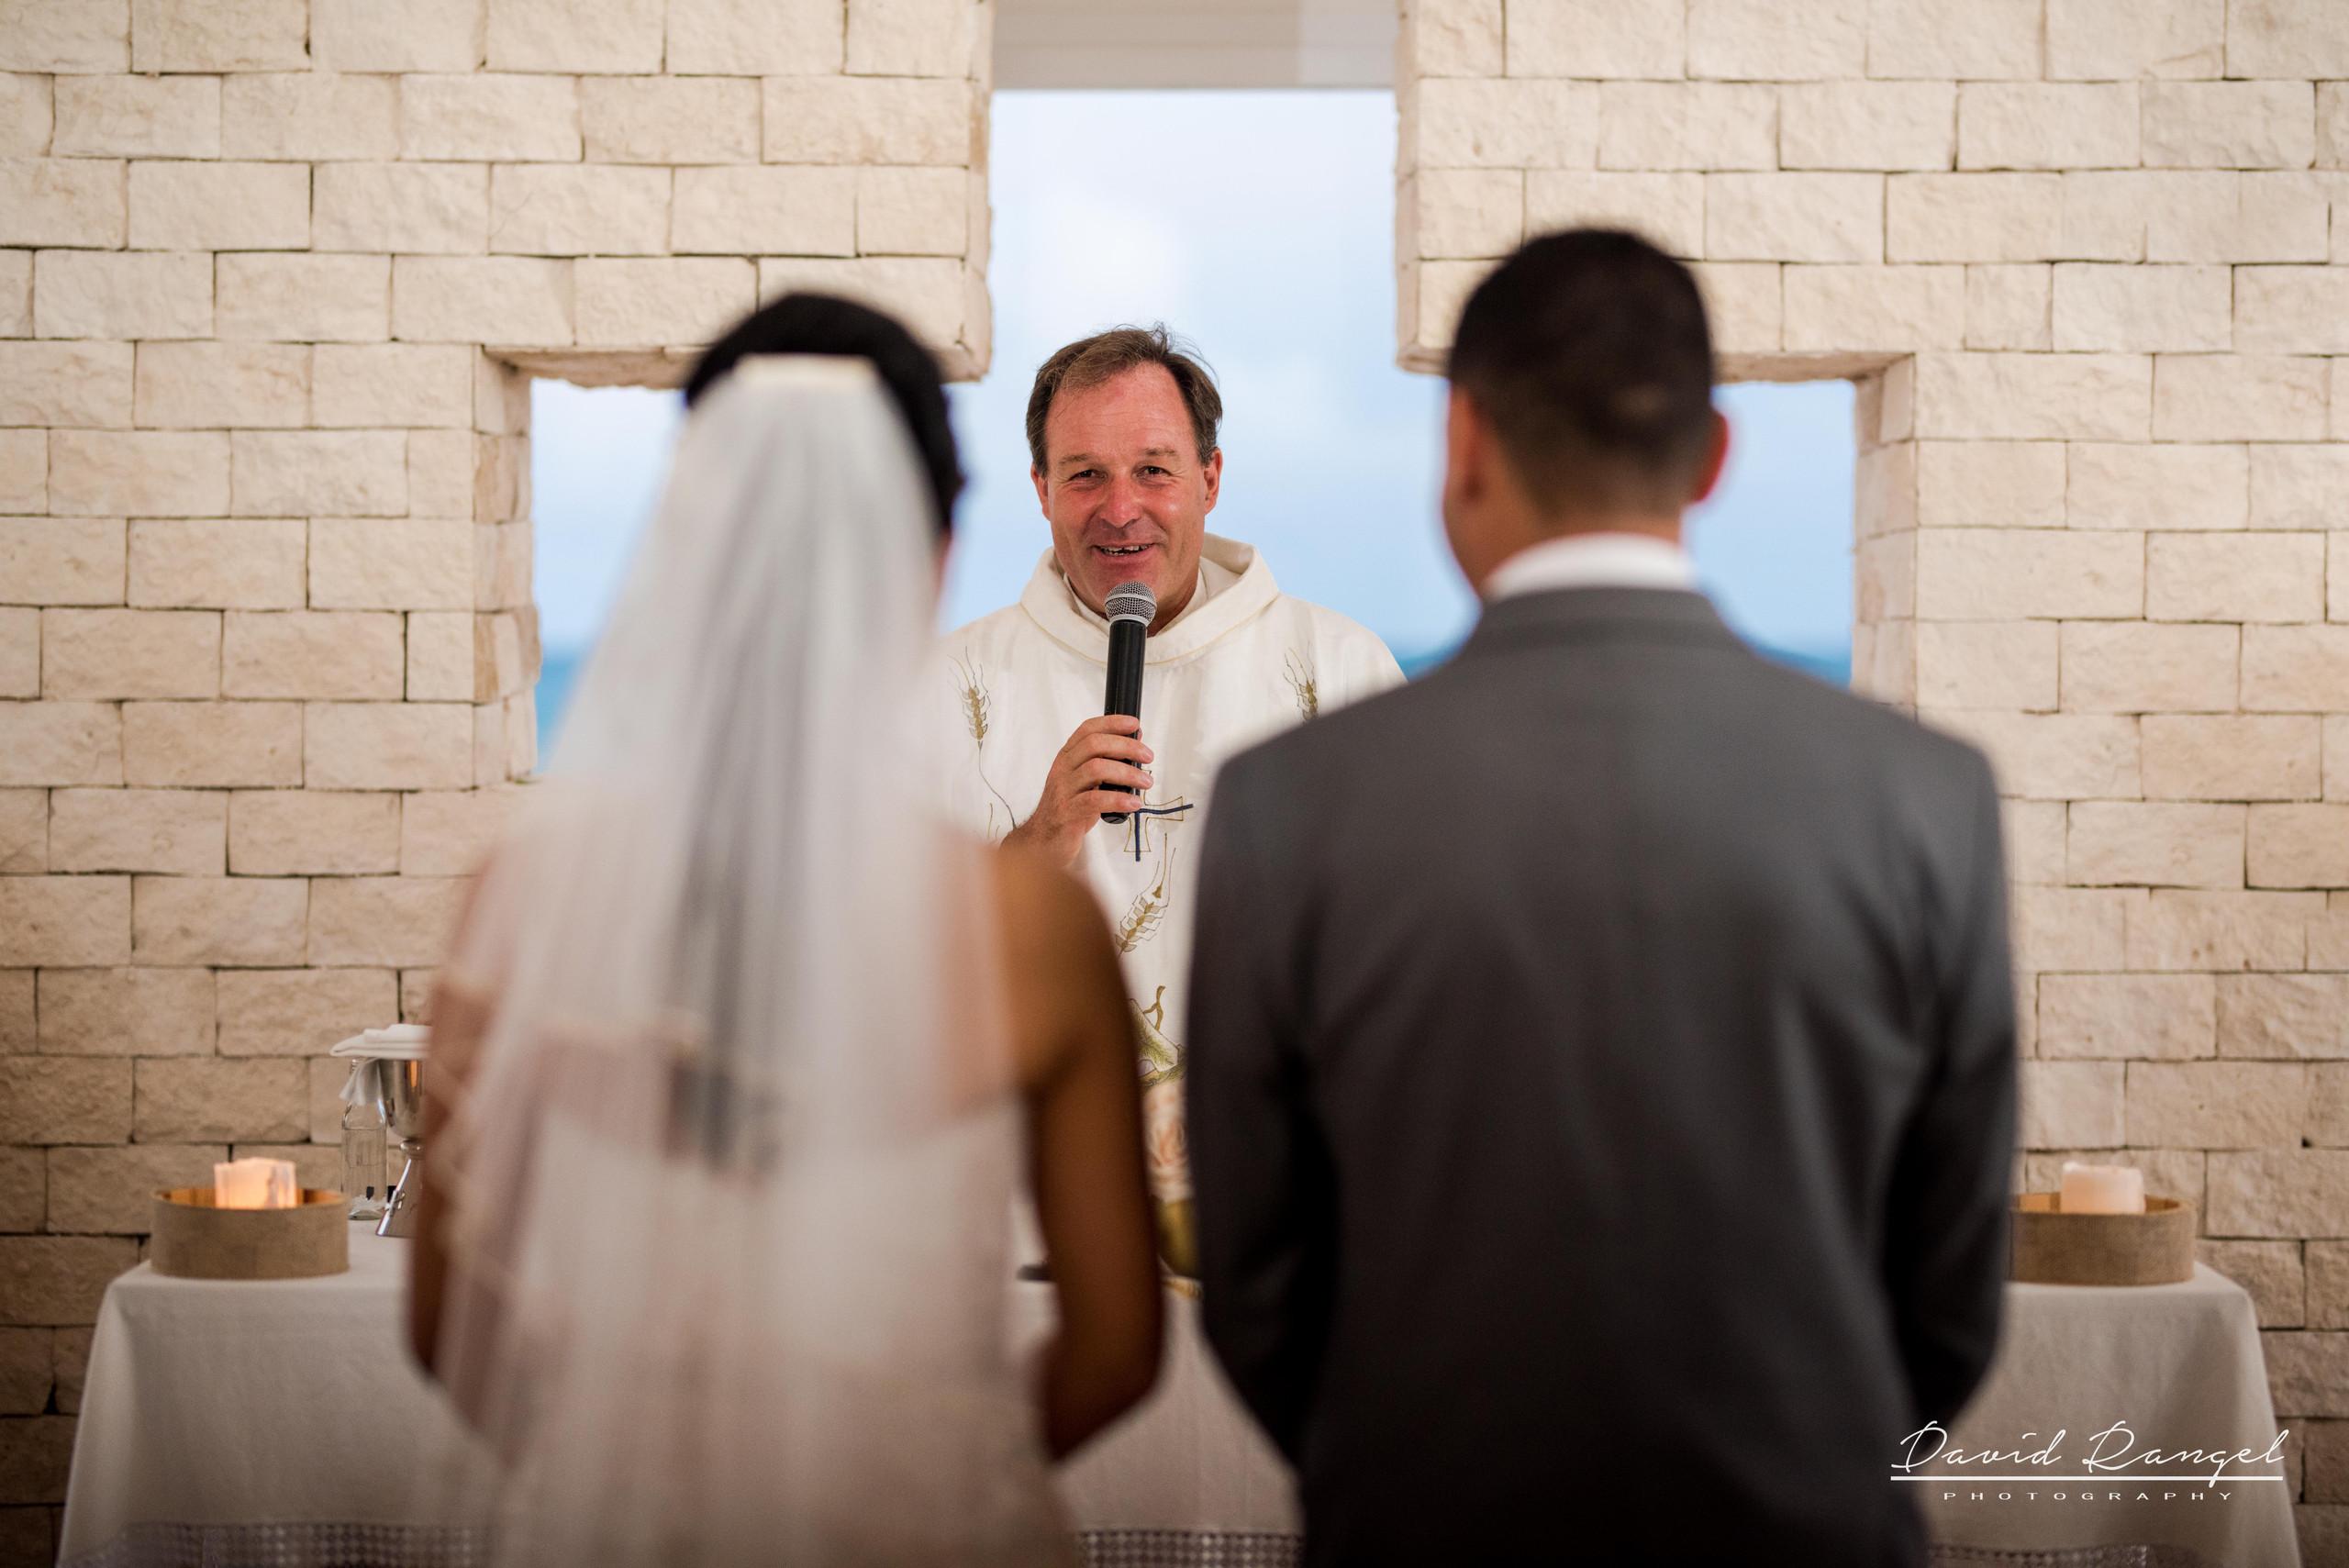 wedding+catholic+ceremony